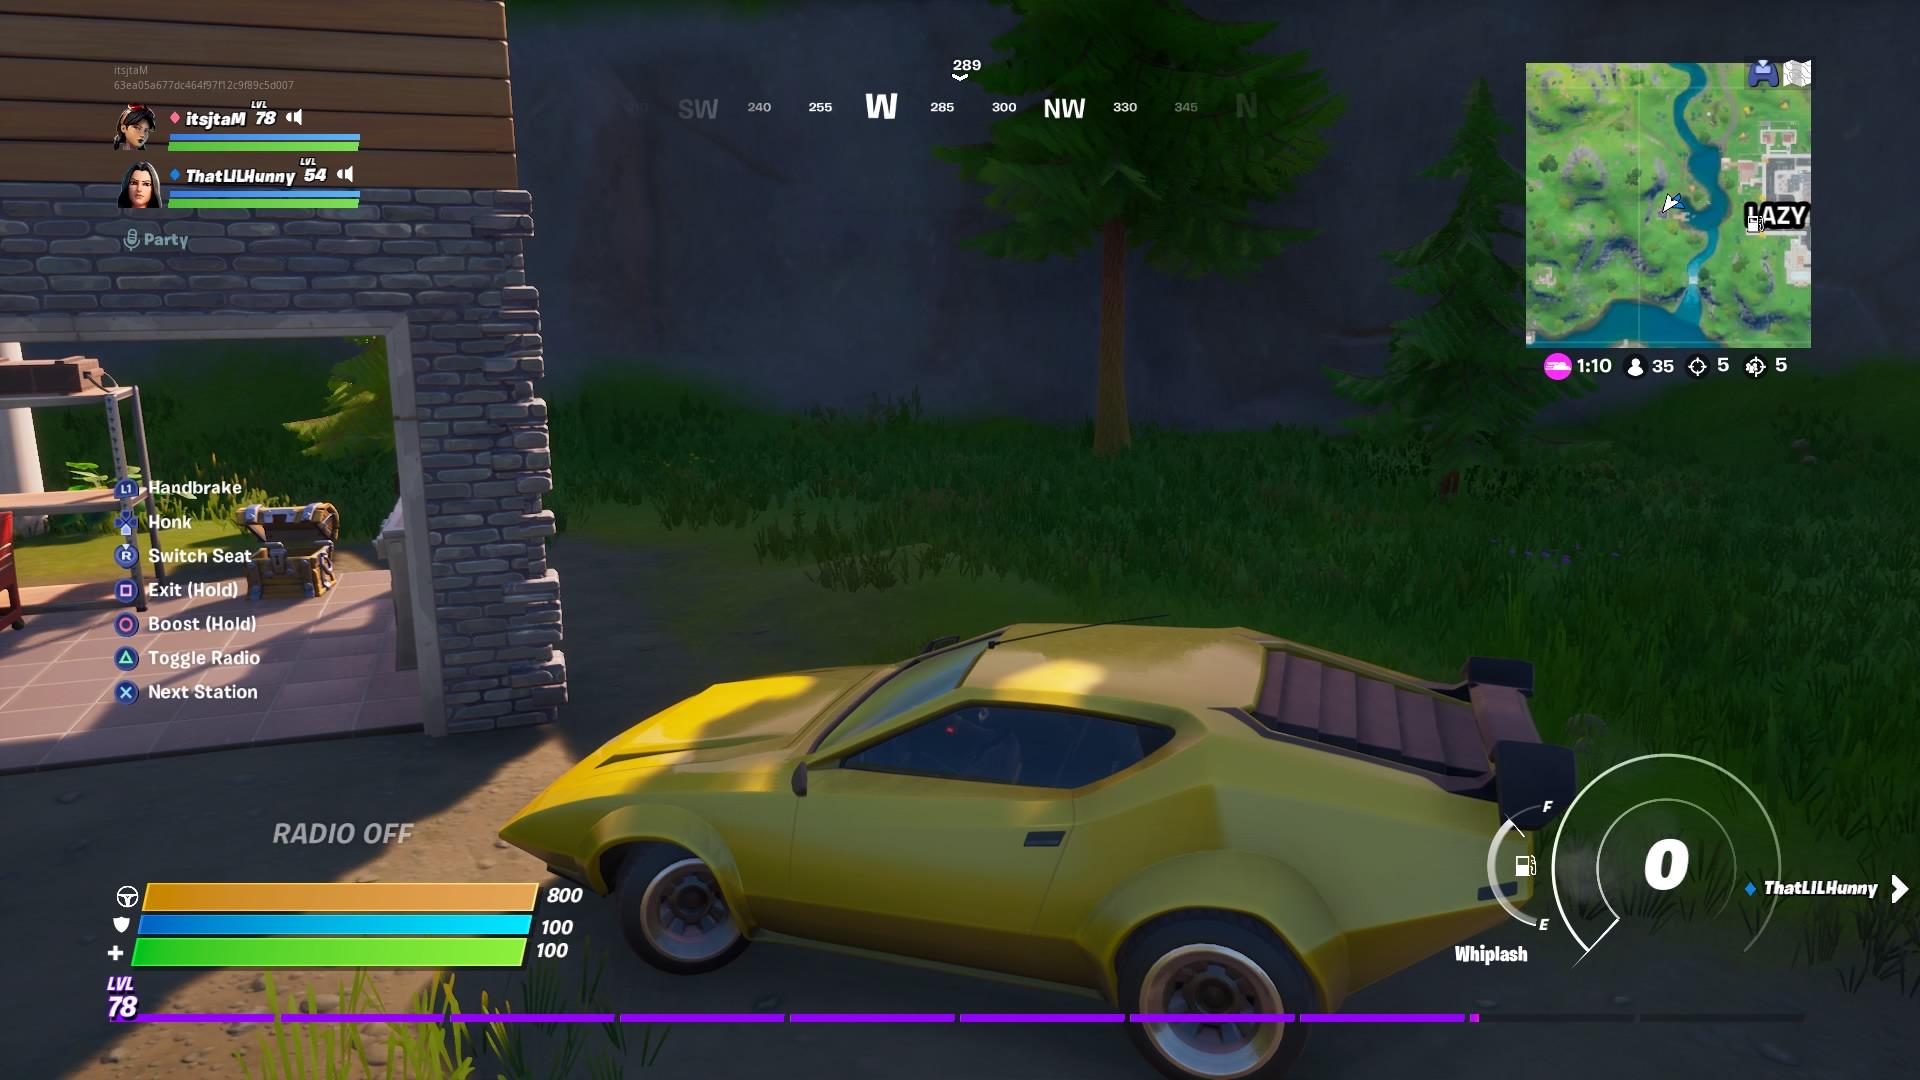 fortnite yellow car wallpaper 71500